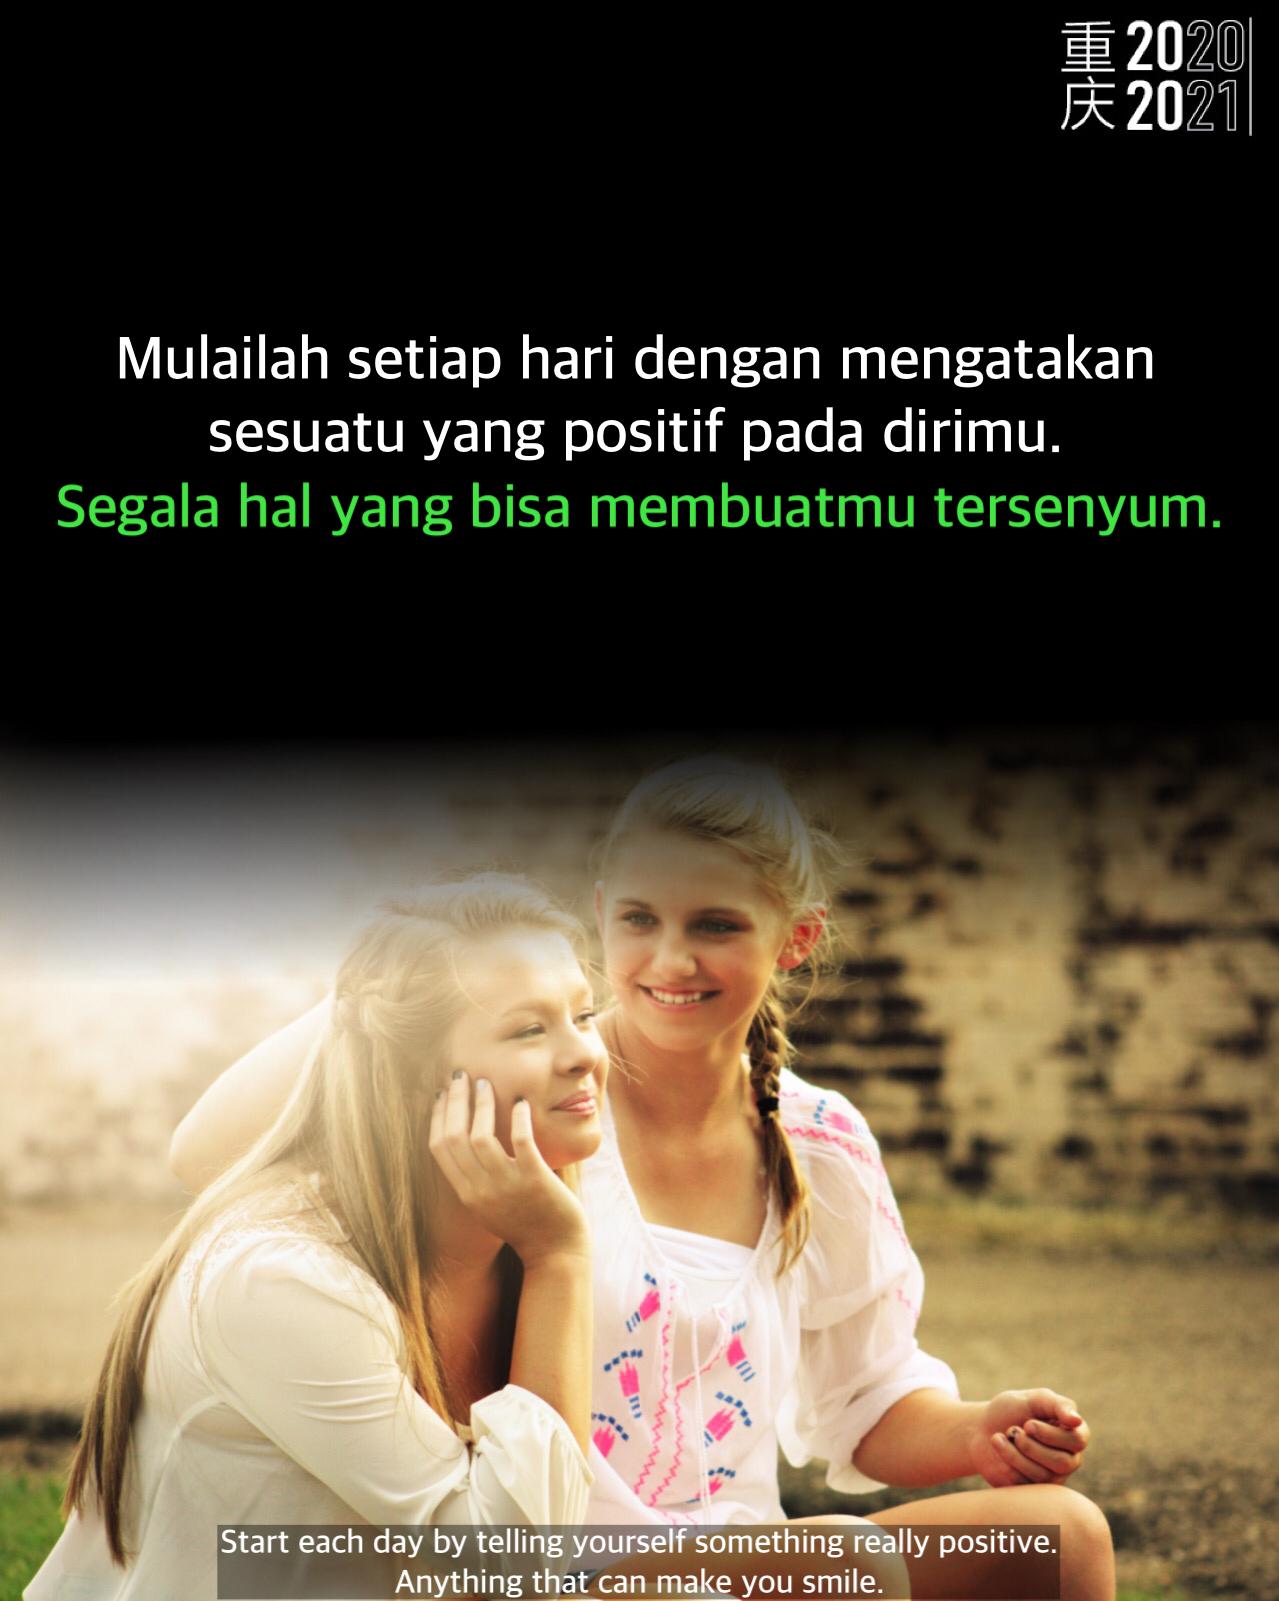 51604938319_.pic_hd